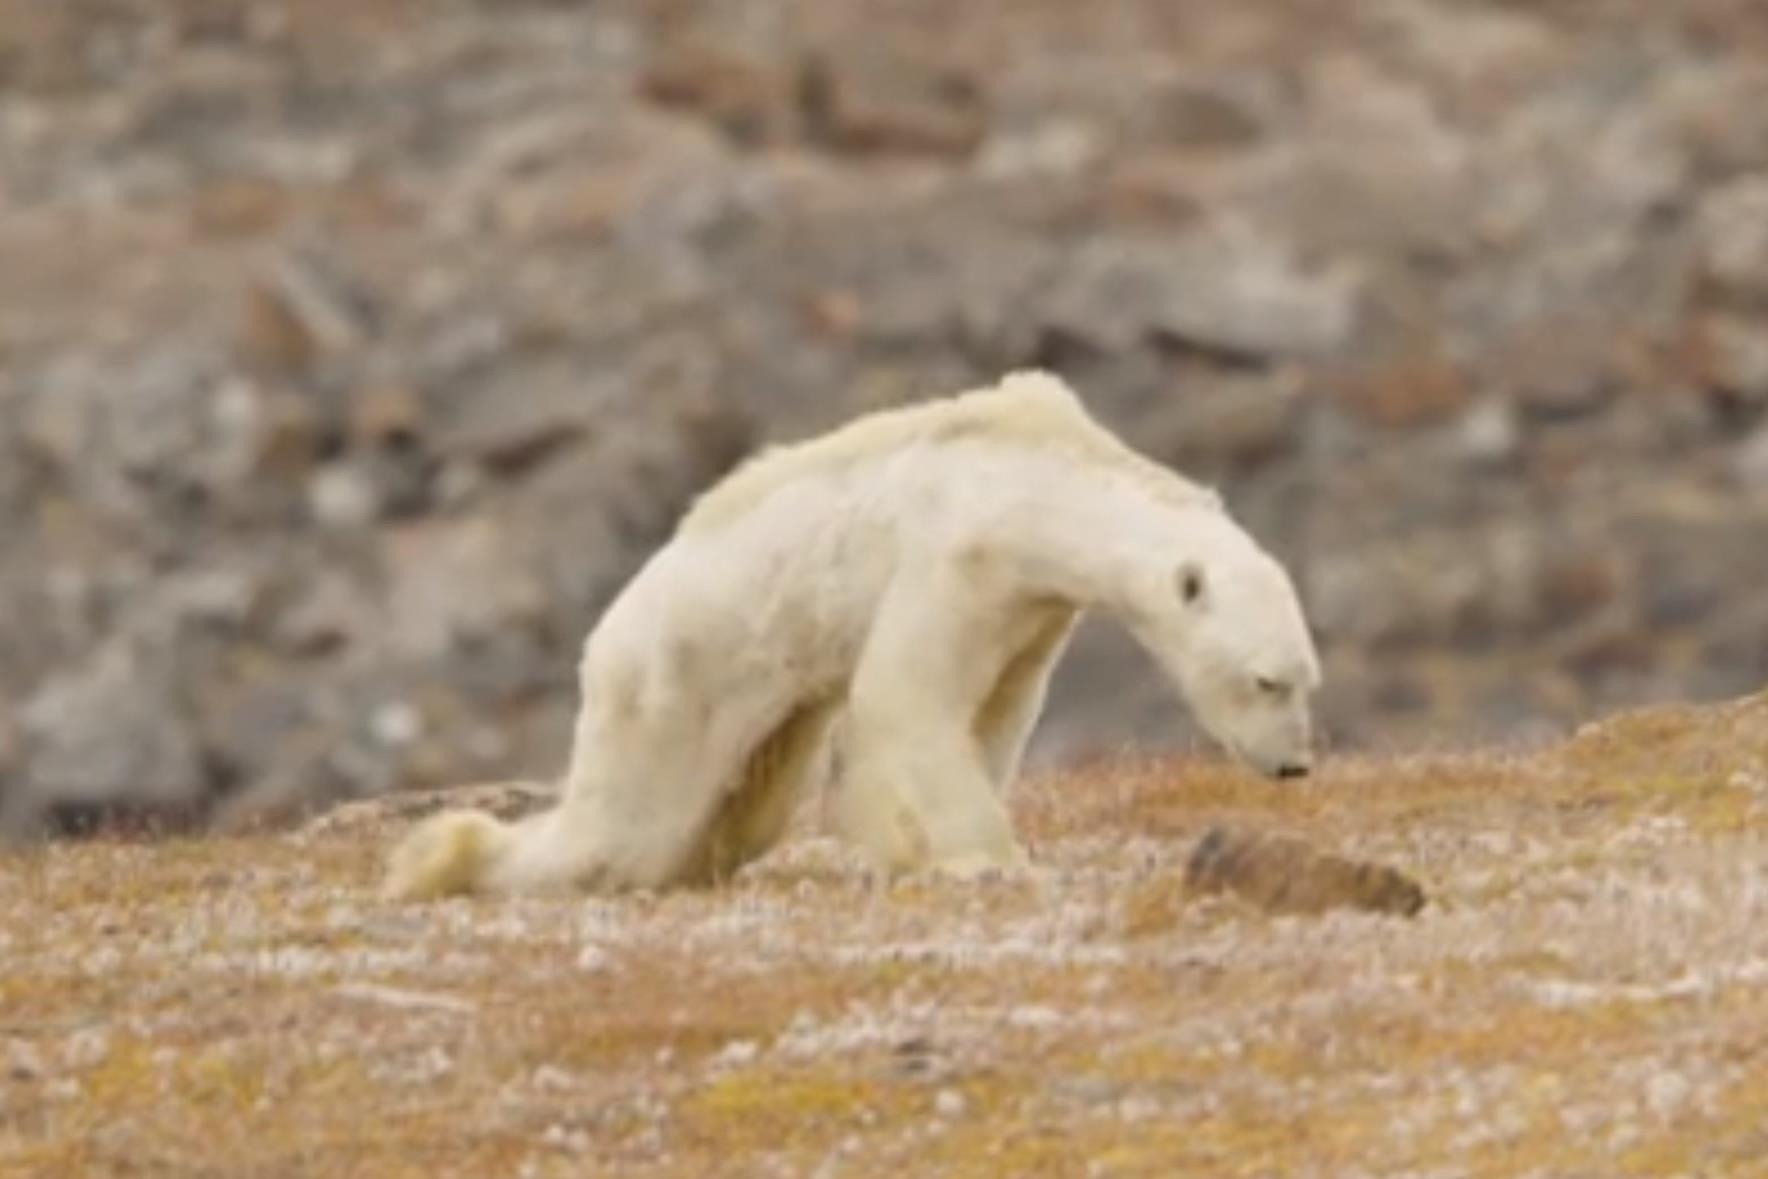 Friss hírek: A klímaváltozás okozta tragédia egyetlen felvételen.